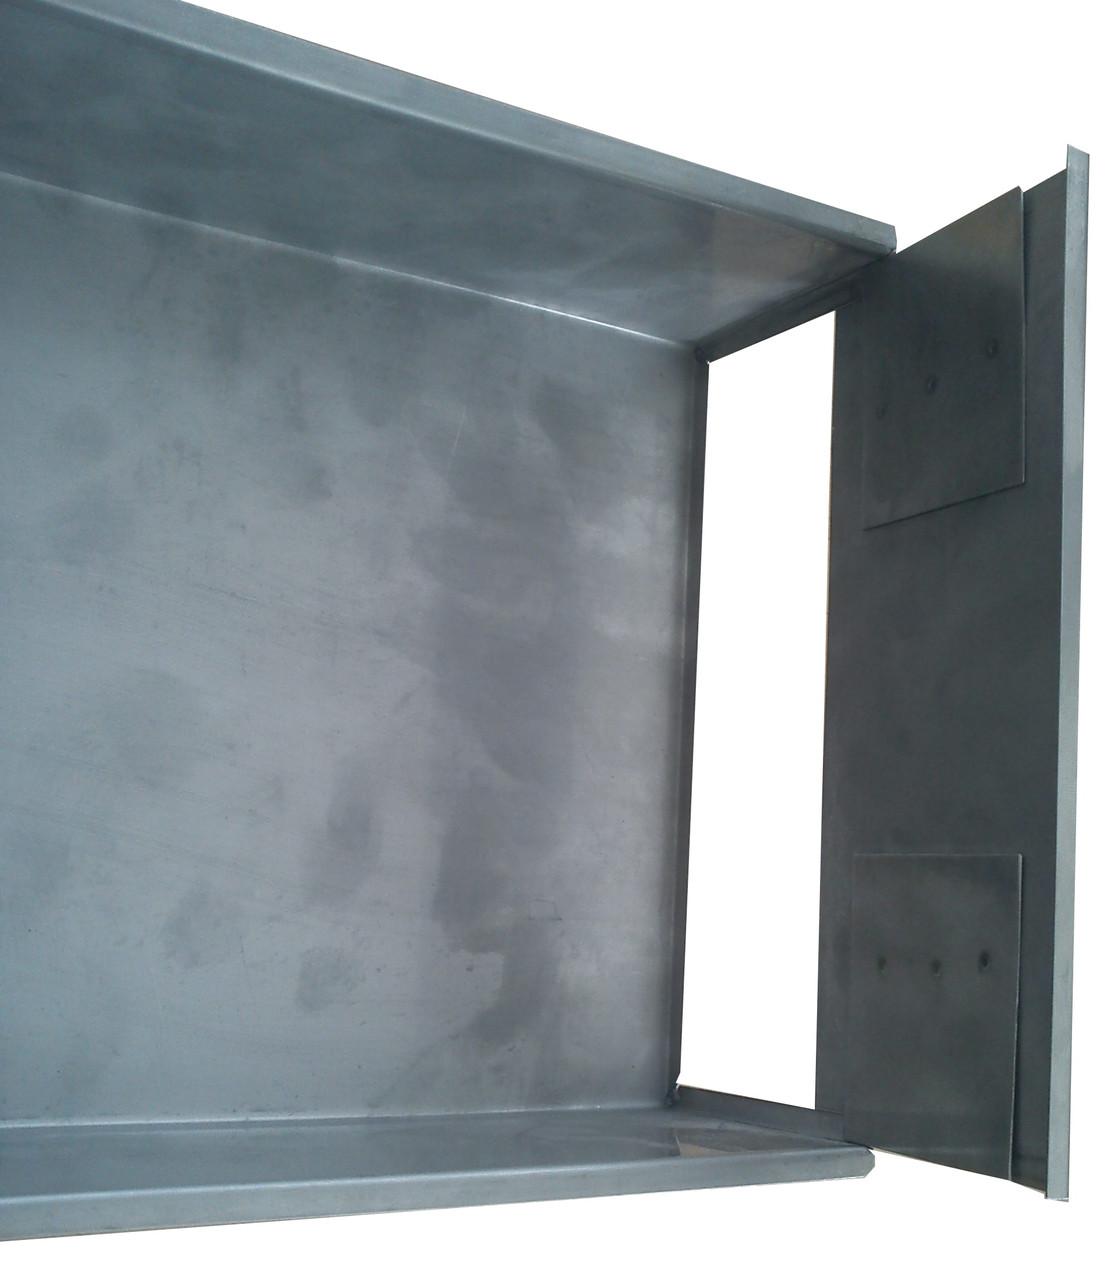 Деко зварної для наливних тортів 525х325х80 (нерж сталь) зі знімною задньою кришкою